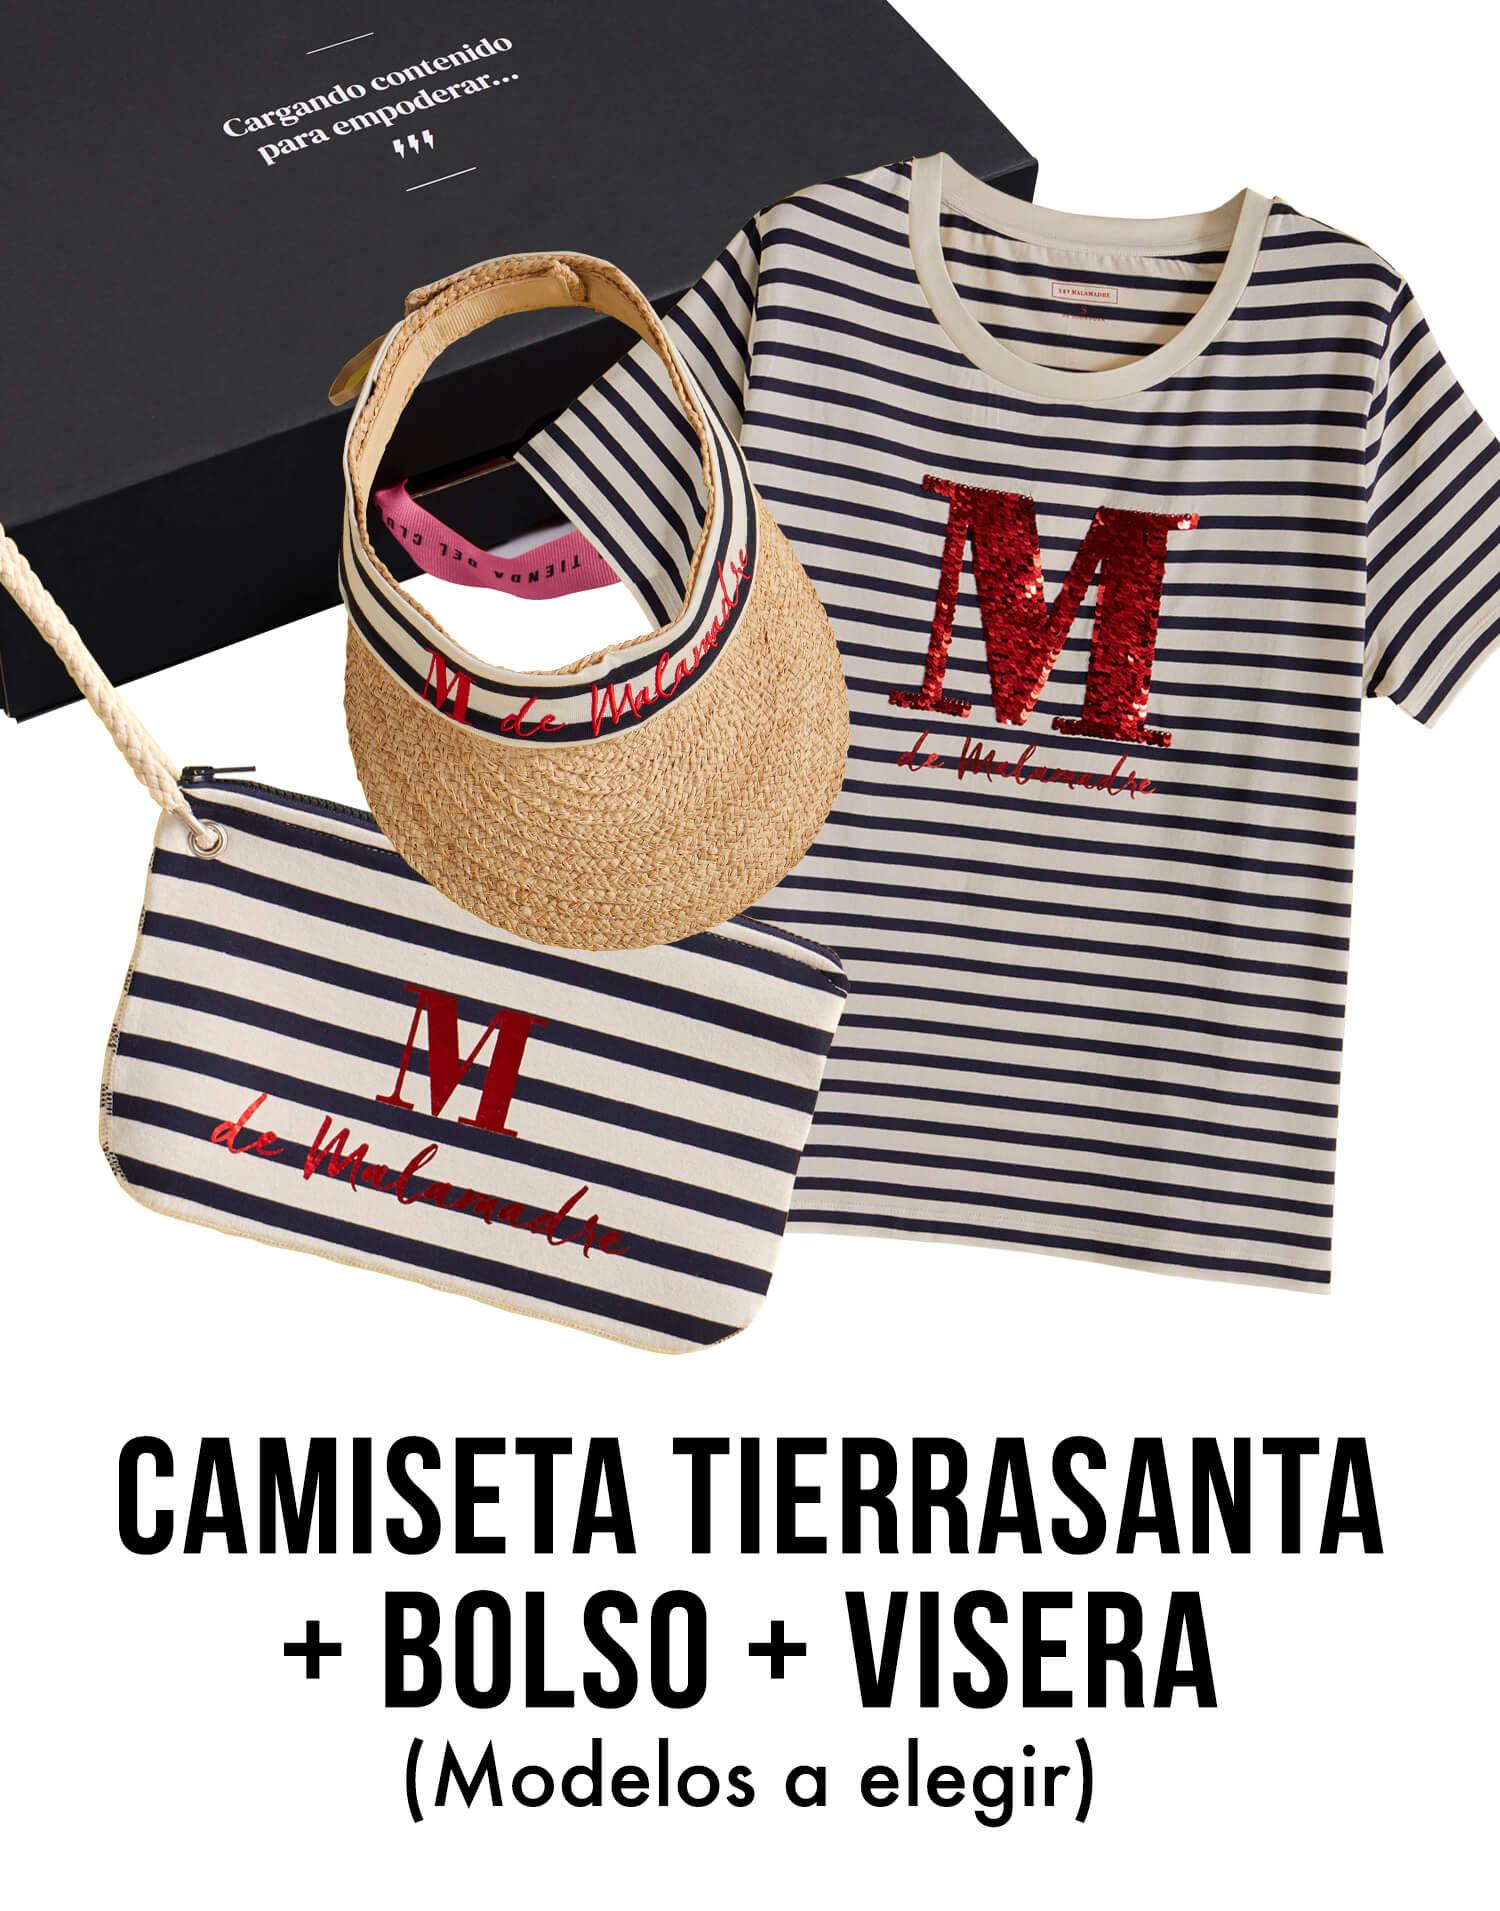 Kit Tierrasanta con camiseta, bolso y visera